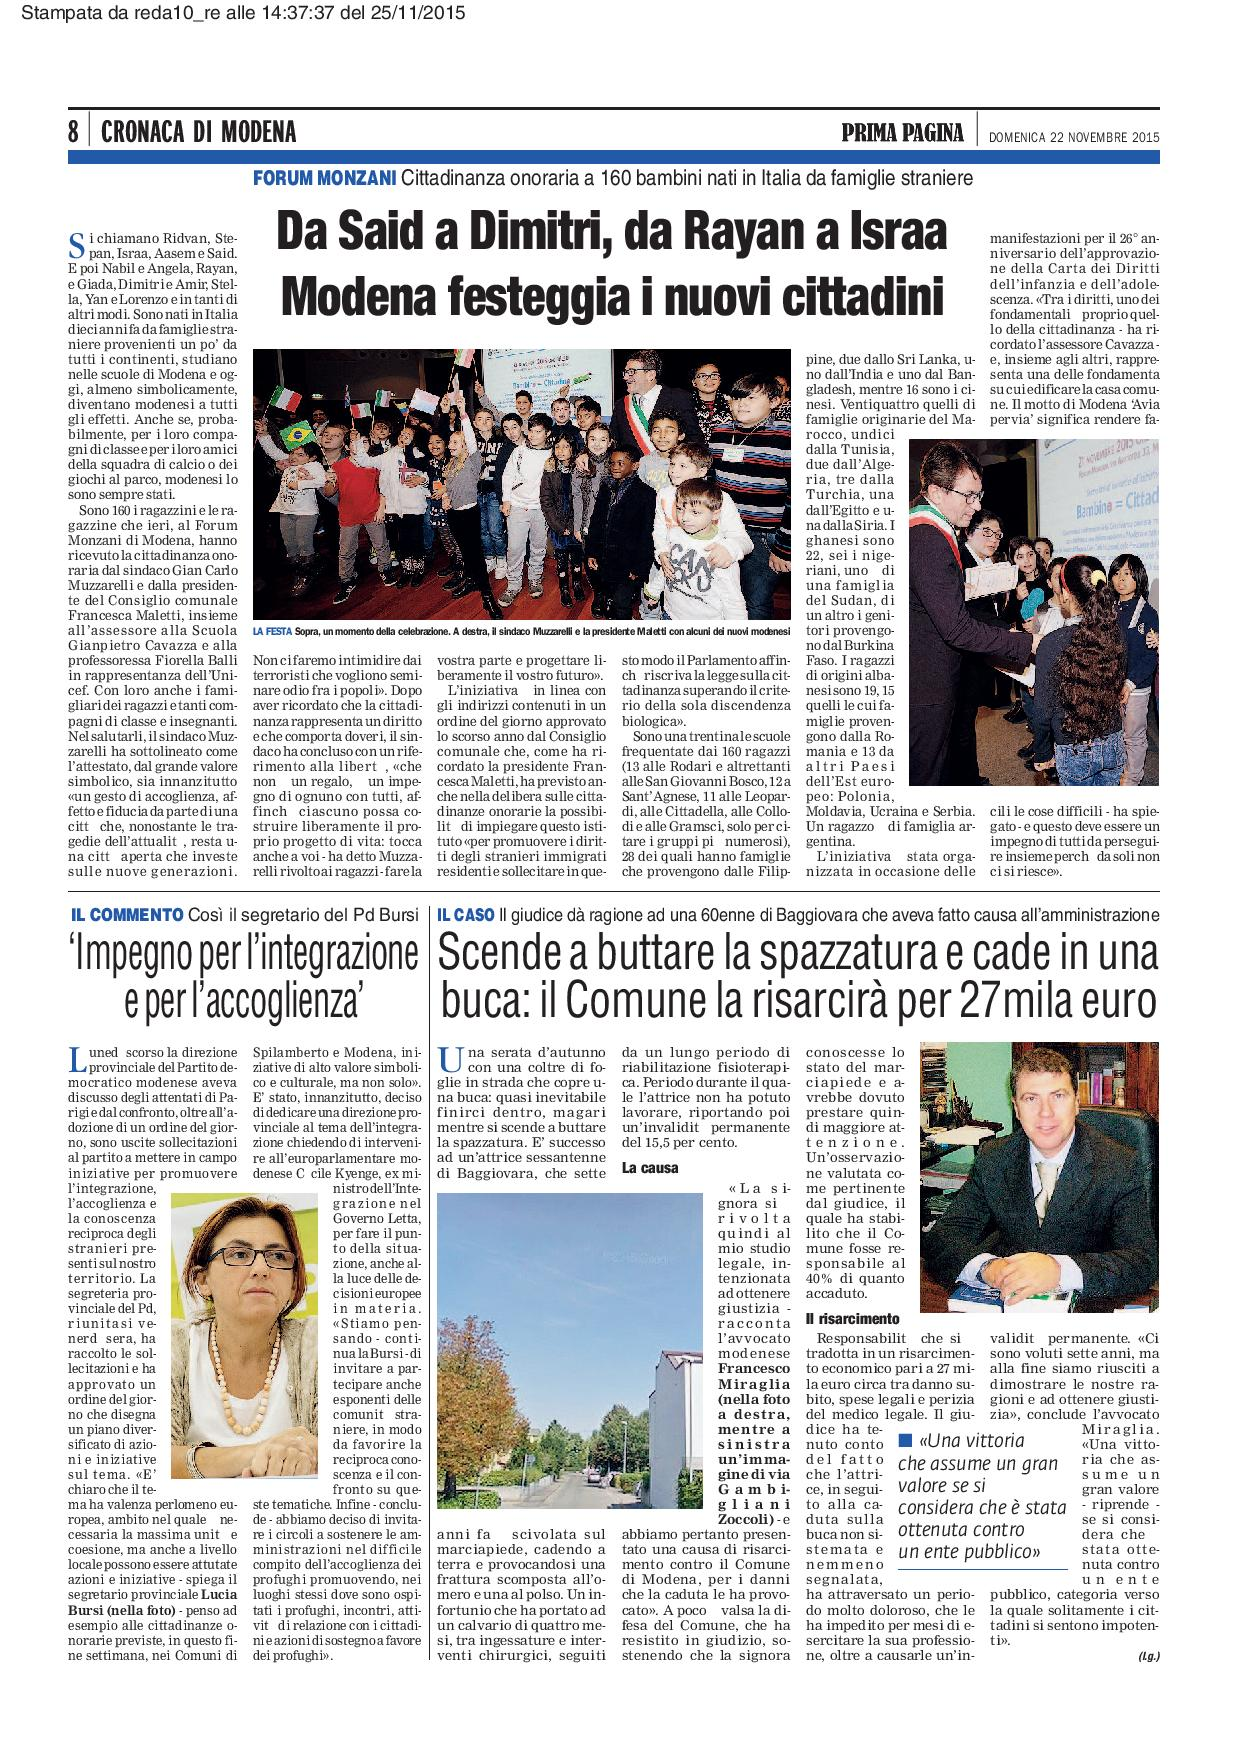 Fa causa al comune di Modena e vince